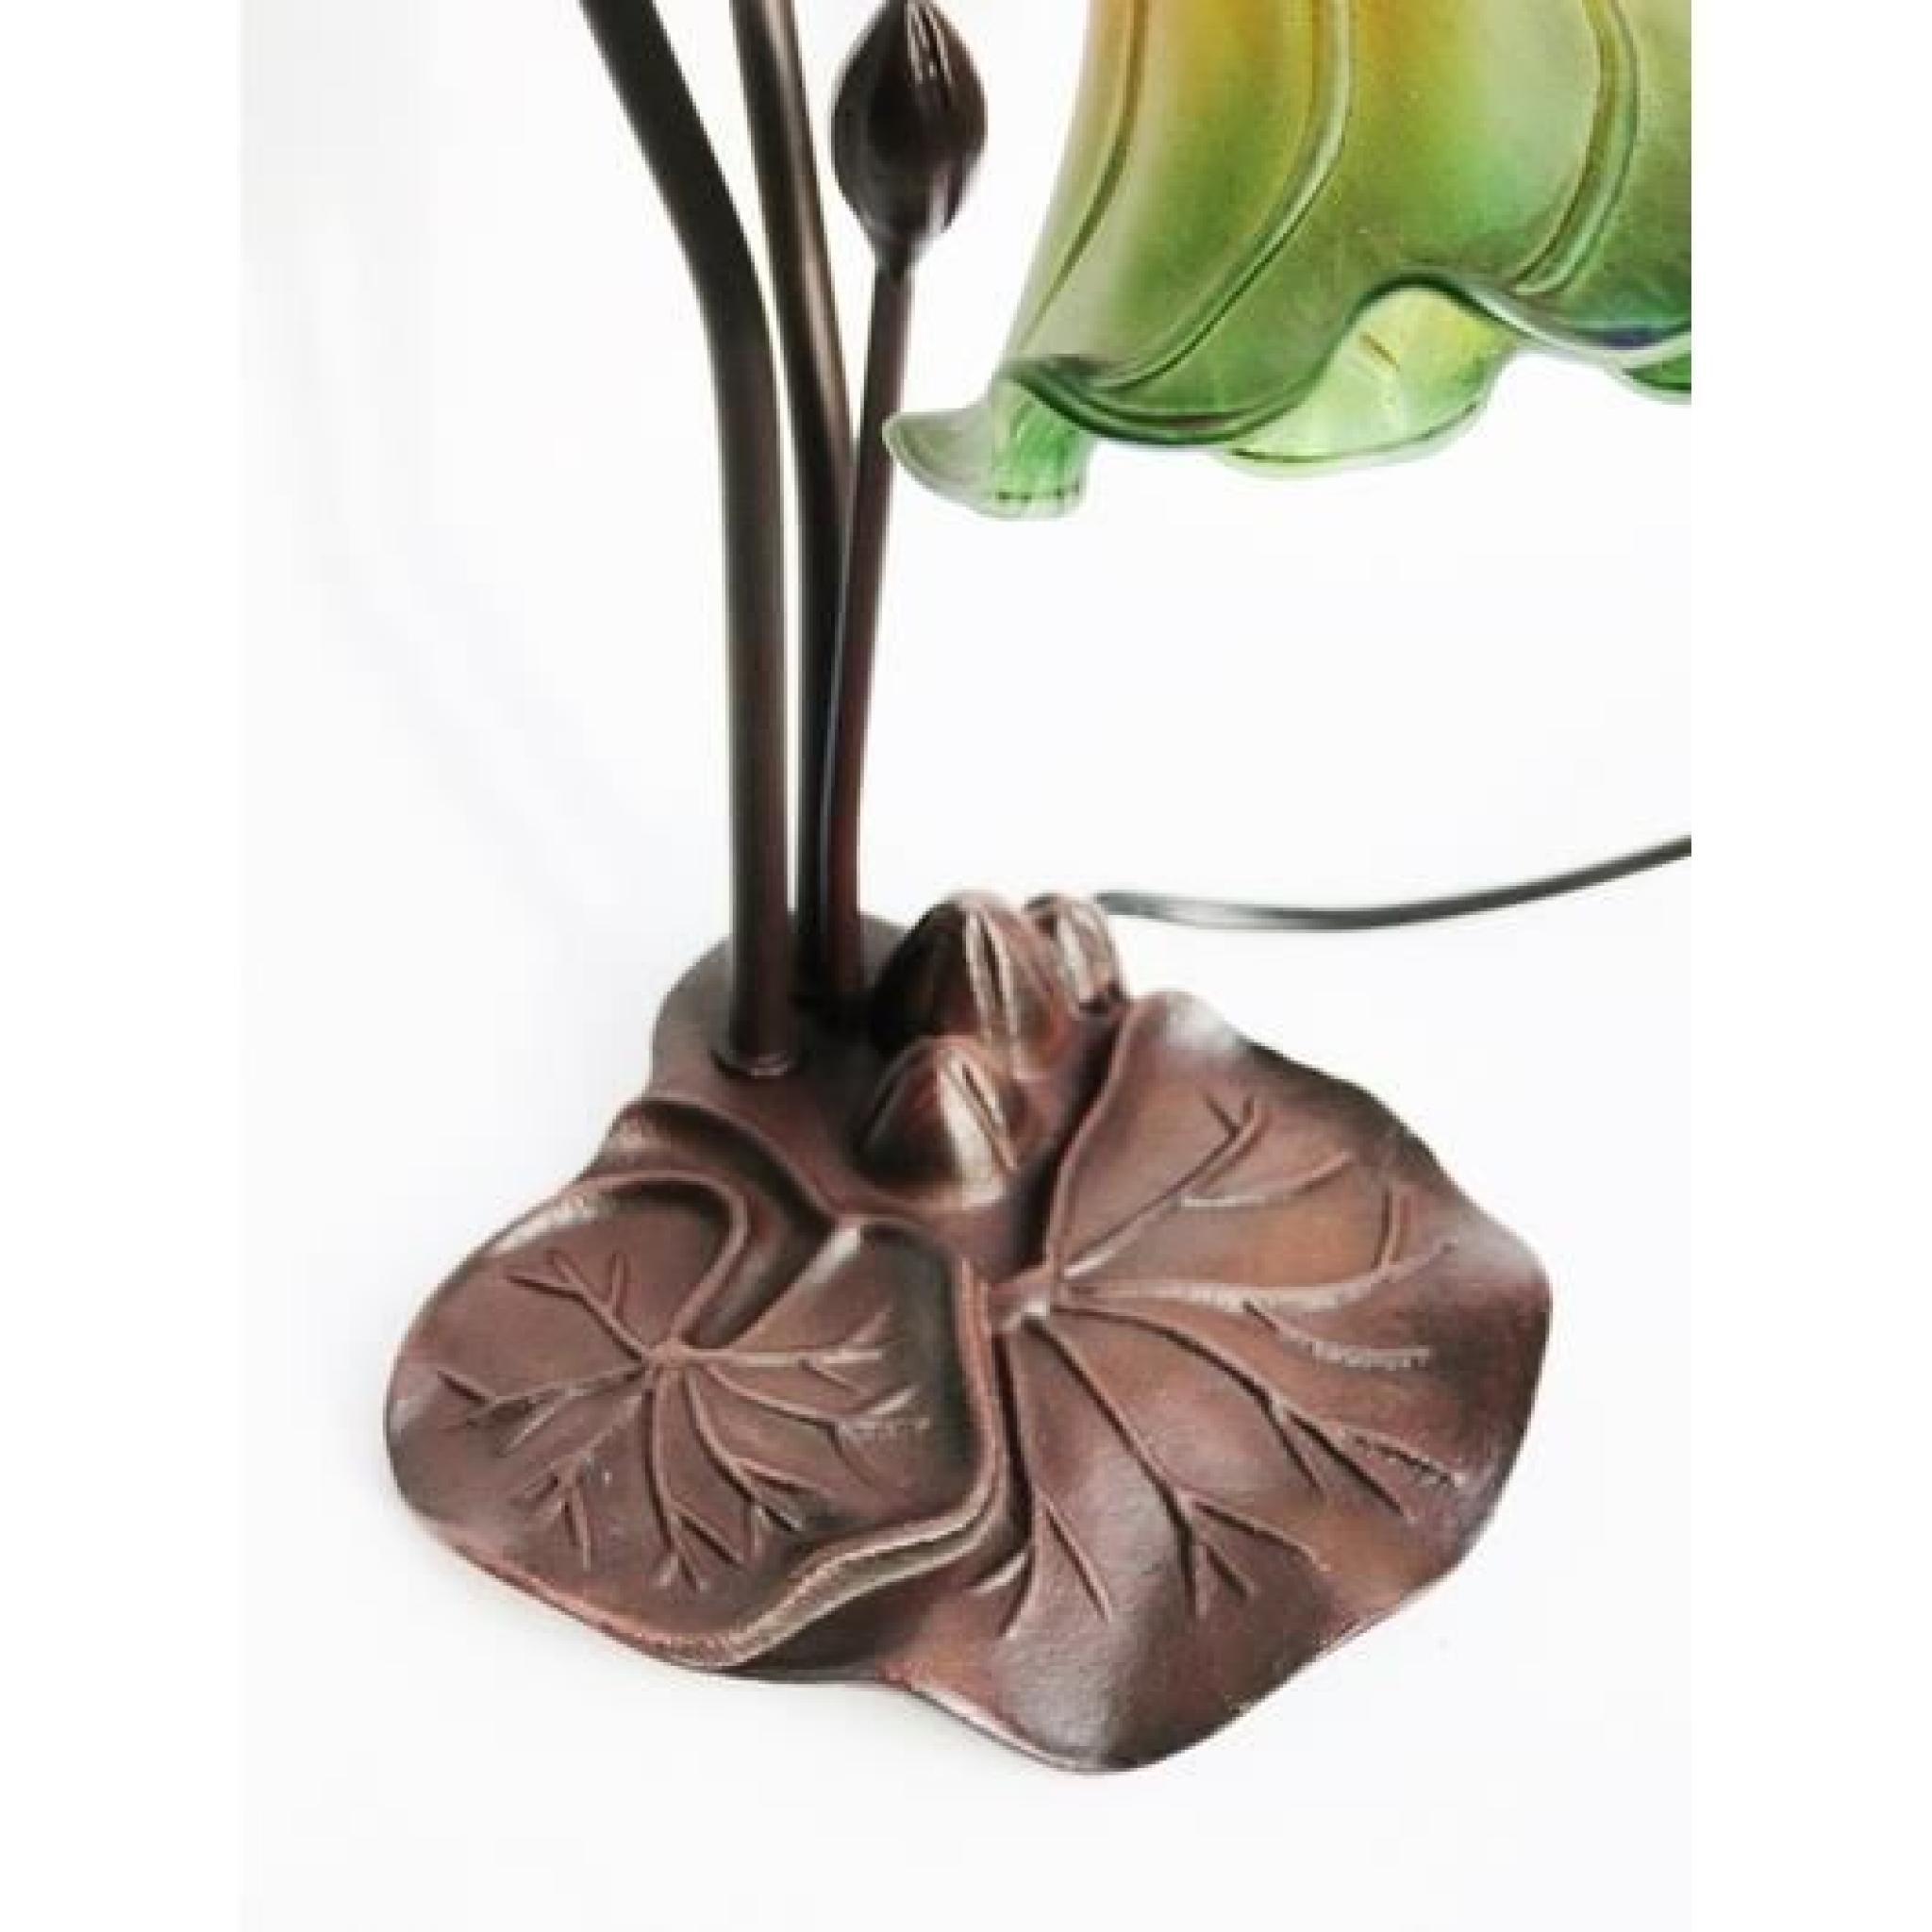 Et Métal Couleur Lampe Tulipes Jaune Verre 2 Pied Feuillage Tiffany Style En Verte 5LqA34Rj